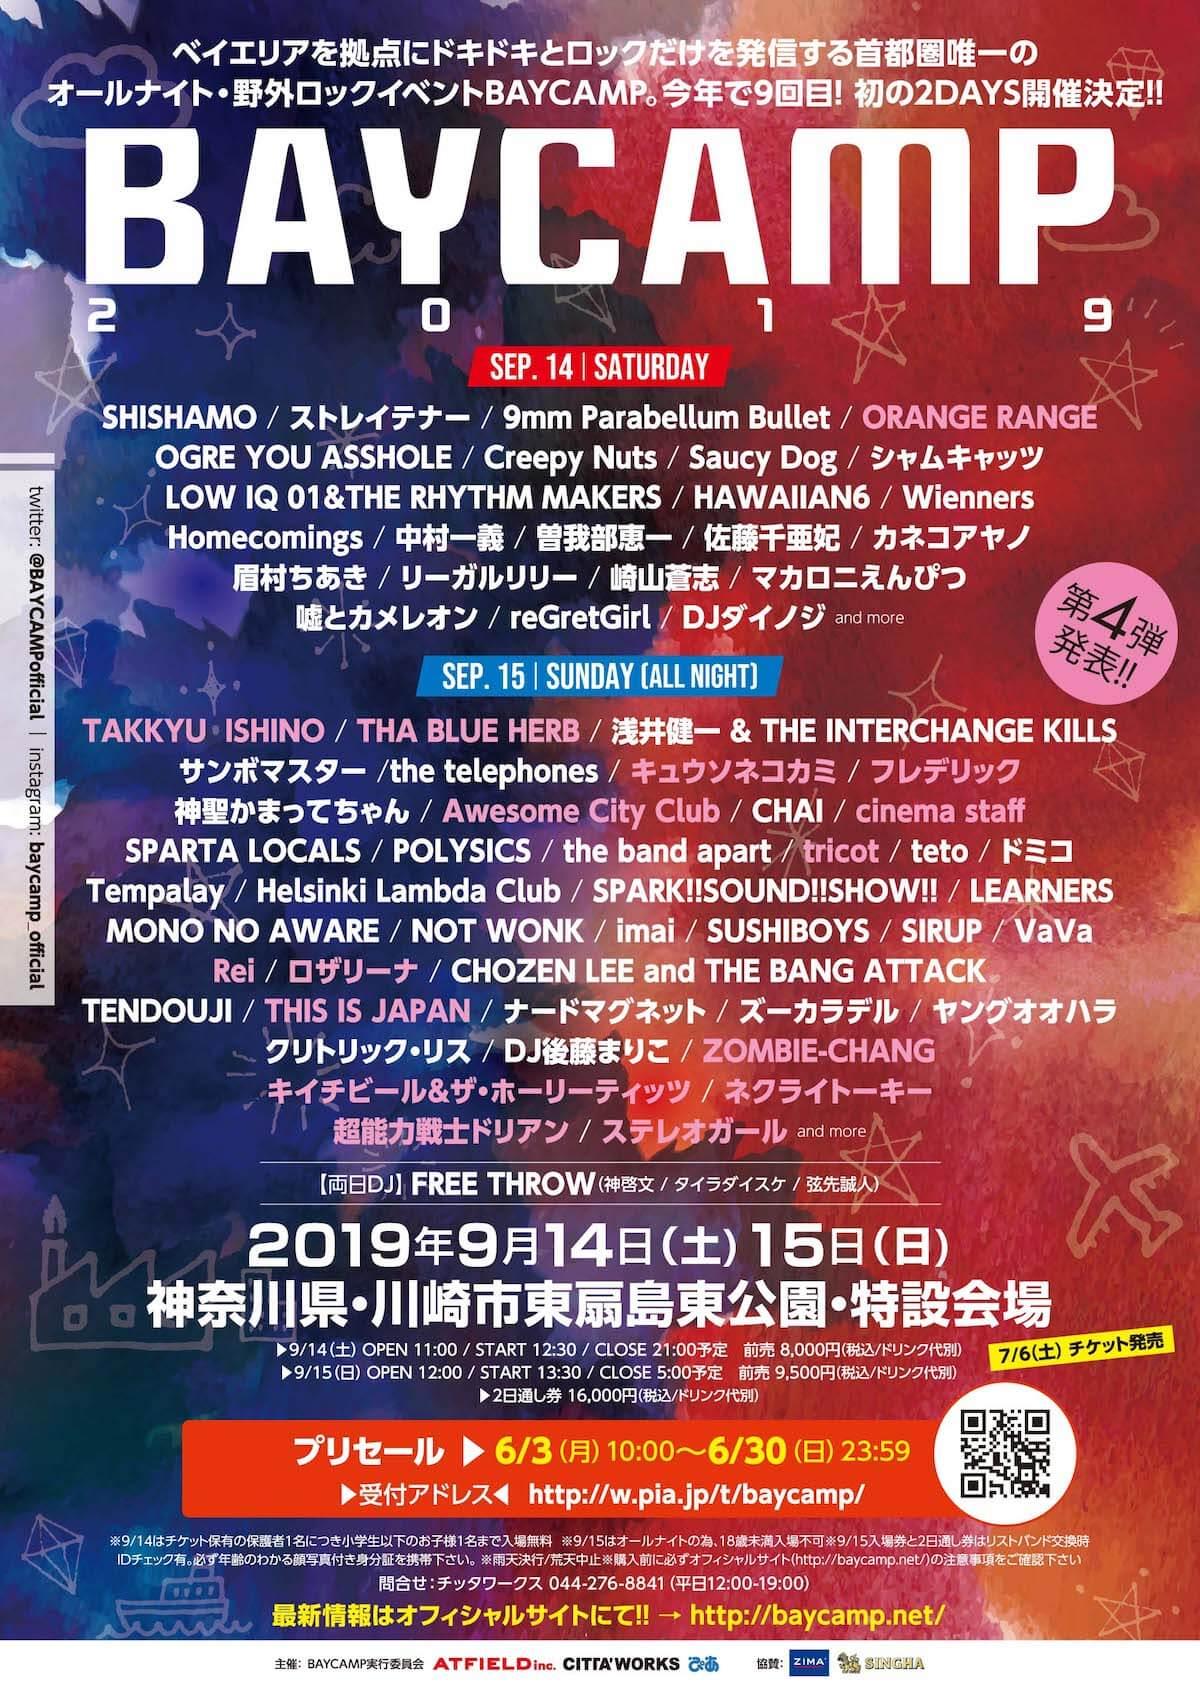 石野卓球、SHISHAMOがヘッドライナーに決定!<BAYCAMP2019>9月14日、15日開催 music190605_baycamp_1